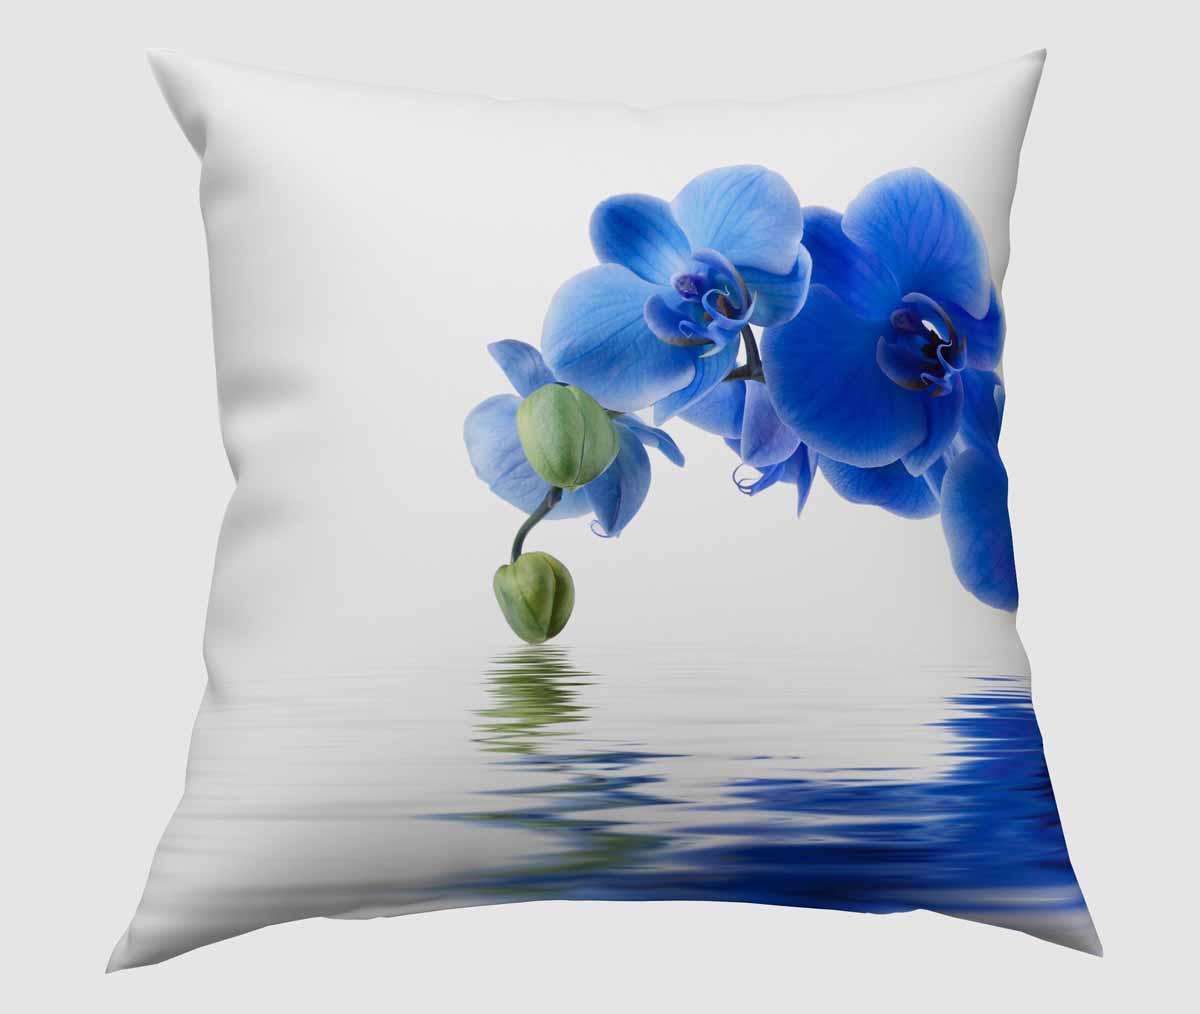 Подушка декоративная Сирень Синяя орхидея, 40 х 40 см531-401Декоративная подушка Сирень Синяя орхидея, изготовленная из габардина (100% полиэстер), прекрасно дополнит интерьер спальни или гостиной. Подушка оформлена красочным изображением. Внутри - мягкий наполнитель из холлофайбера (100% полиэстер). Красивая подушка создаст атмосферу тепла и уюта в спальне и станет прекрасным элементом декора.